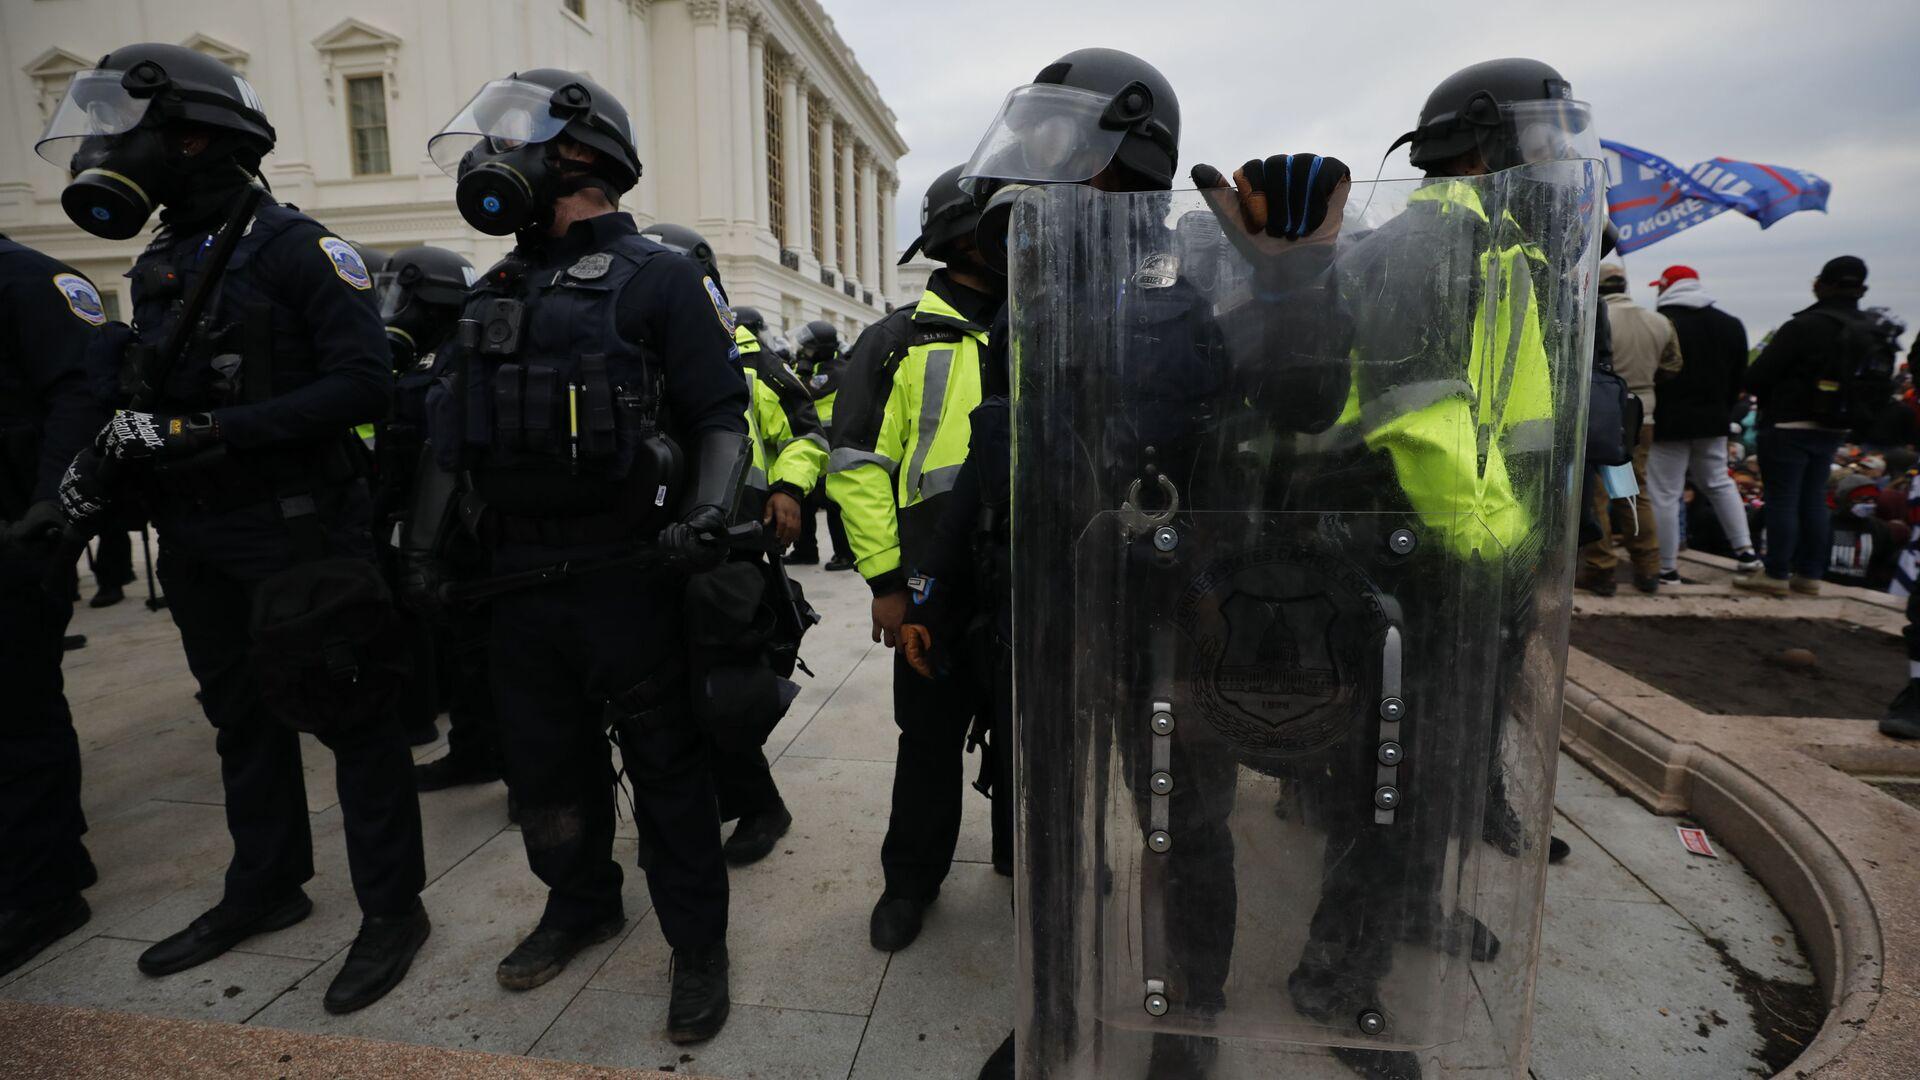 Gli agenti della polizia nel corso delle proteste dei sostenitori del presidente in carica Donald Trump vicino al Campidoglio, USA. - Sputnik Italia, 1920, 22.05.2021